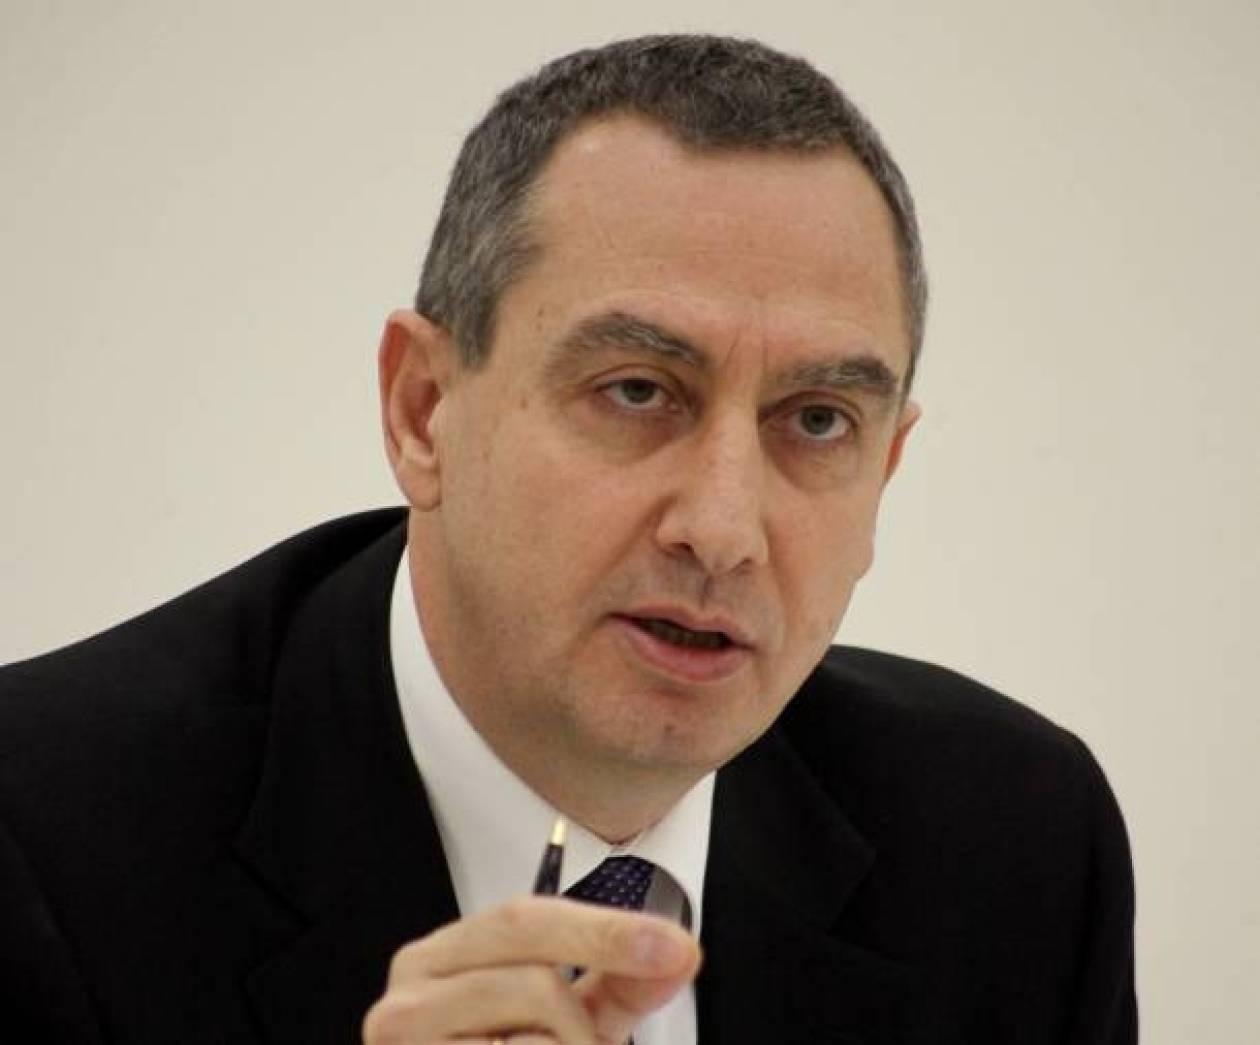 Μιχελάκης: «Γαλάζιο» ασυμβίβαστο για τους υποψήφιους στις Ευρωεκλογές